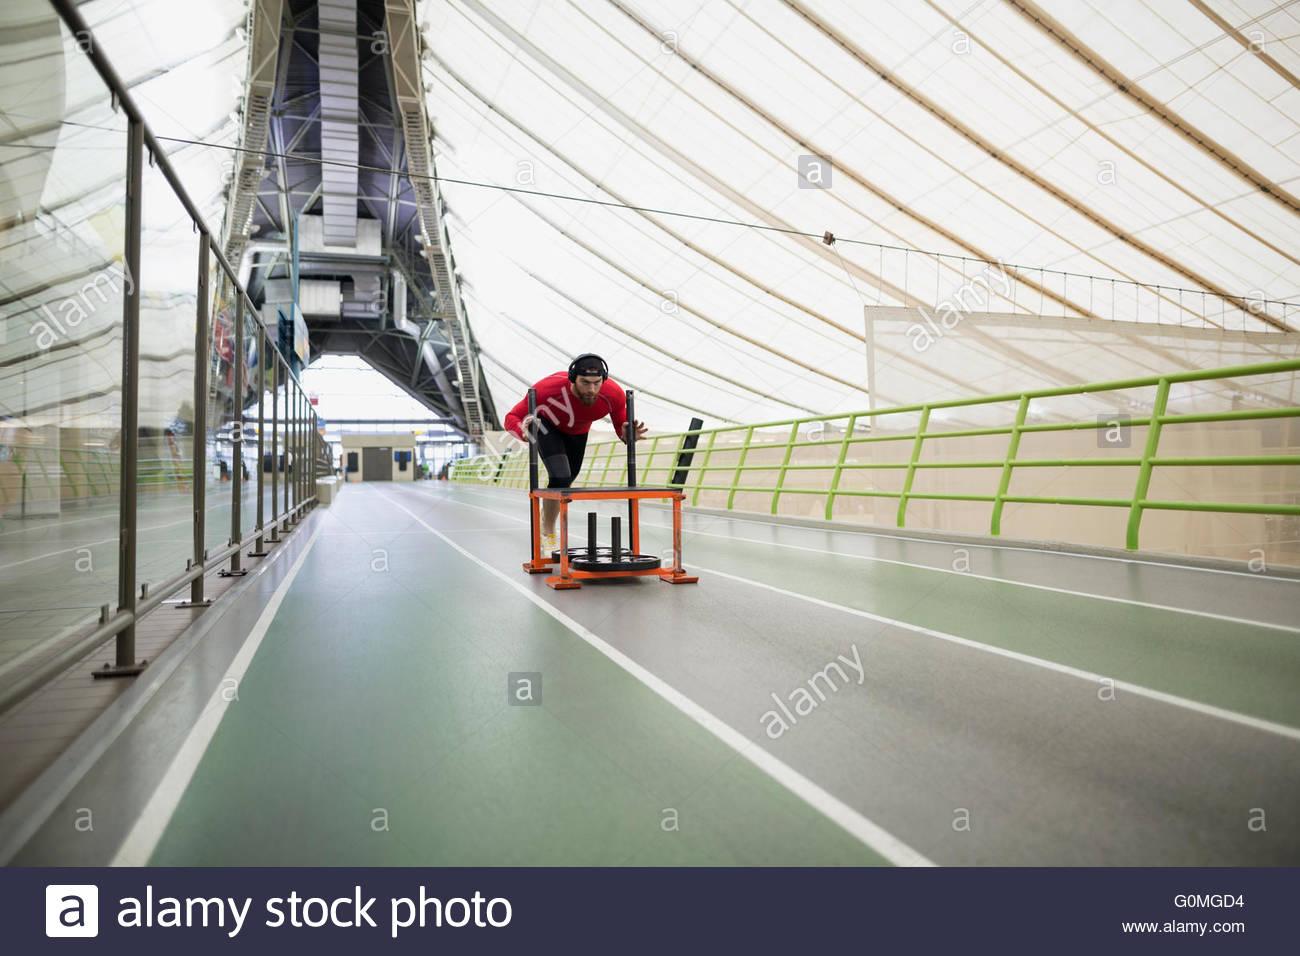 Runner empujando el trineo de carreras en pista cubierta Imagen De Stock